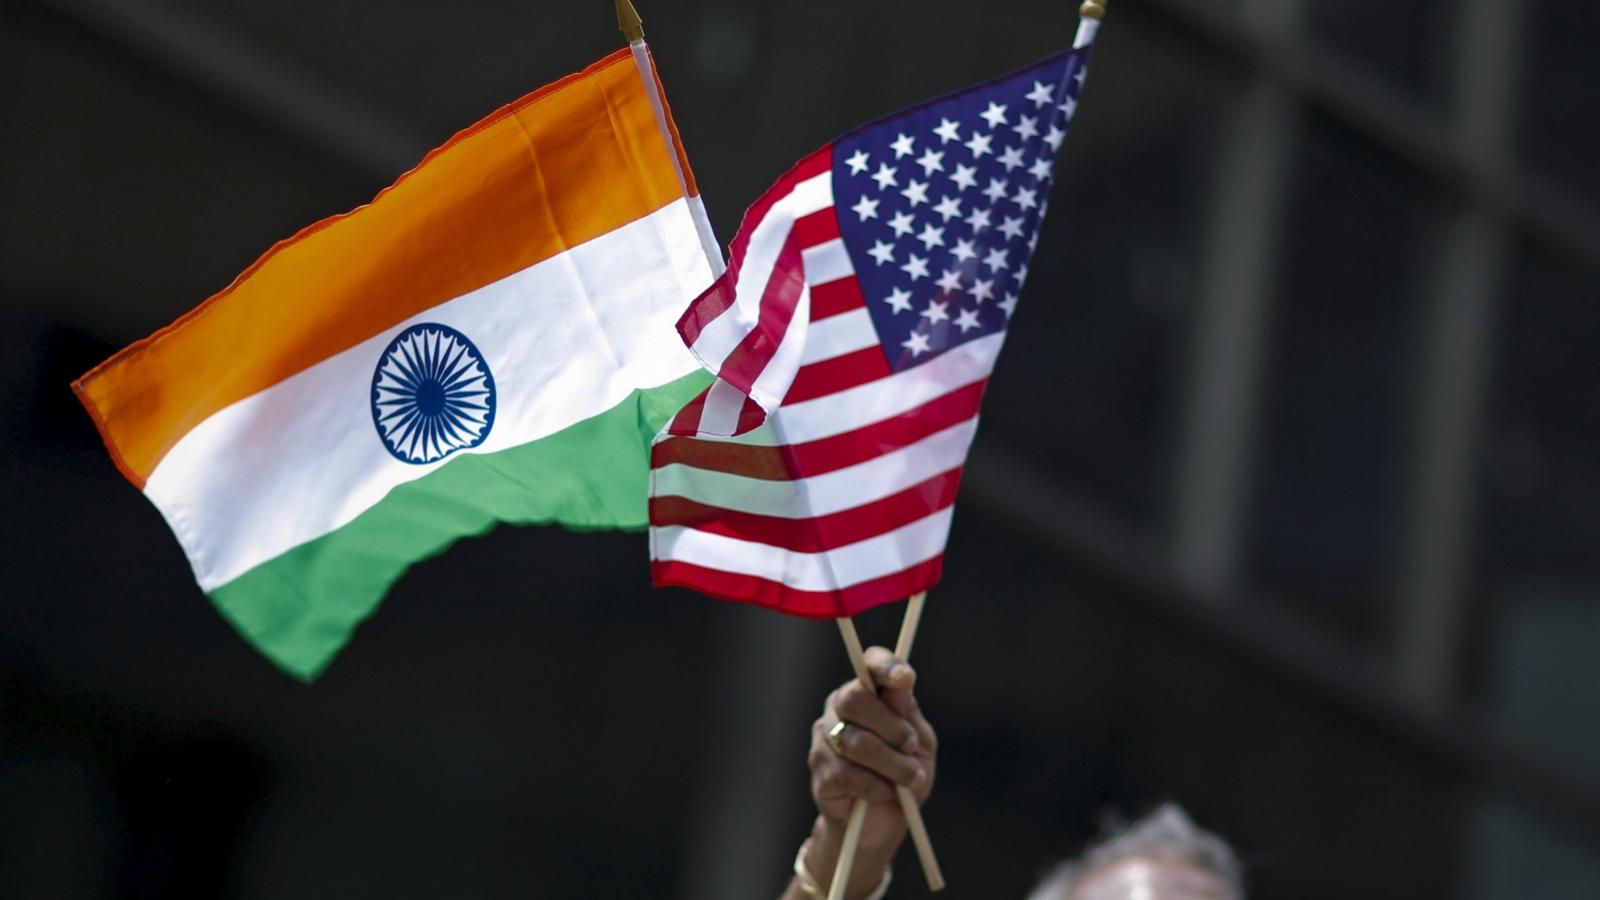 Ấn Độ - Mỹ tổ chức Đối thoại 2+2 tại New Delhi